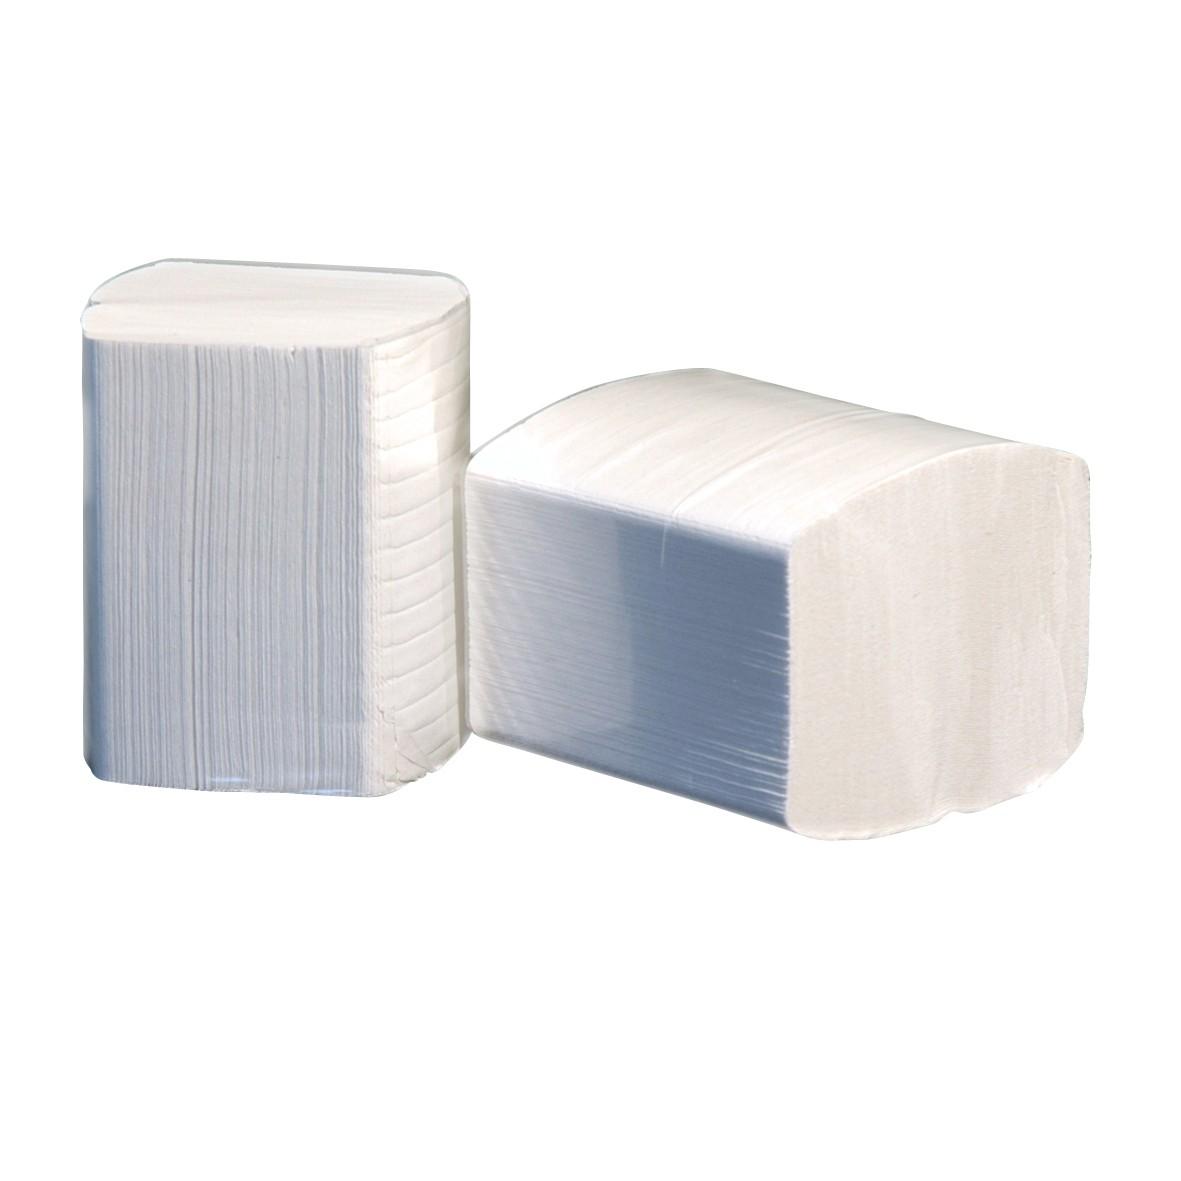 Bulkpack toiletpapier 2-laags, losse vellen, inhoud 36 x 250 vel ECO